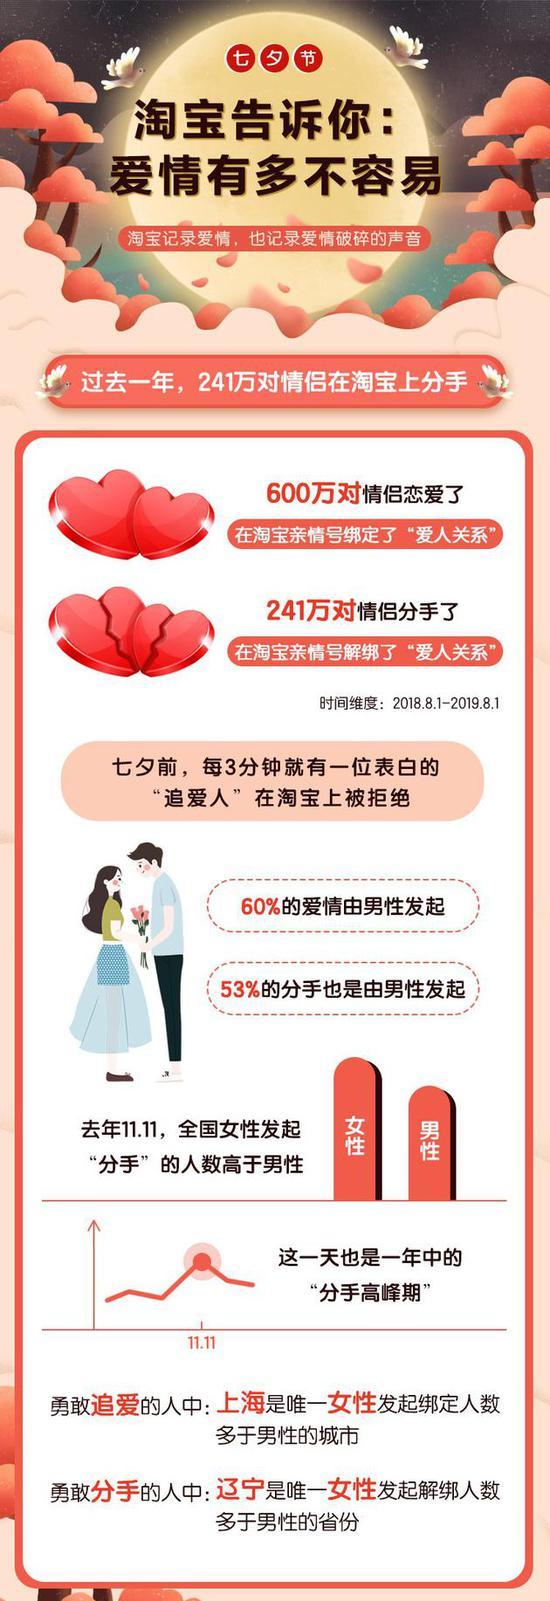 淘宝推《七夕报告》:最多人爱情结束在第249天